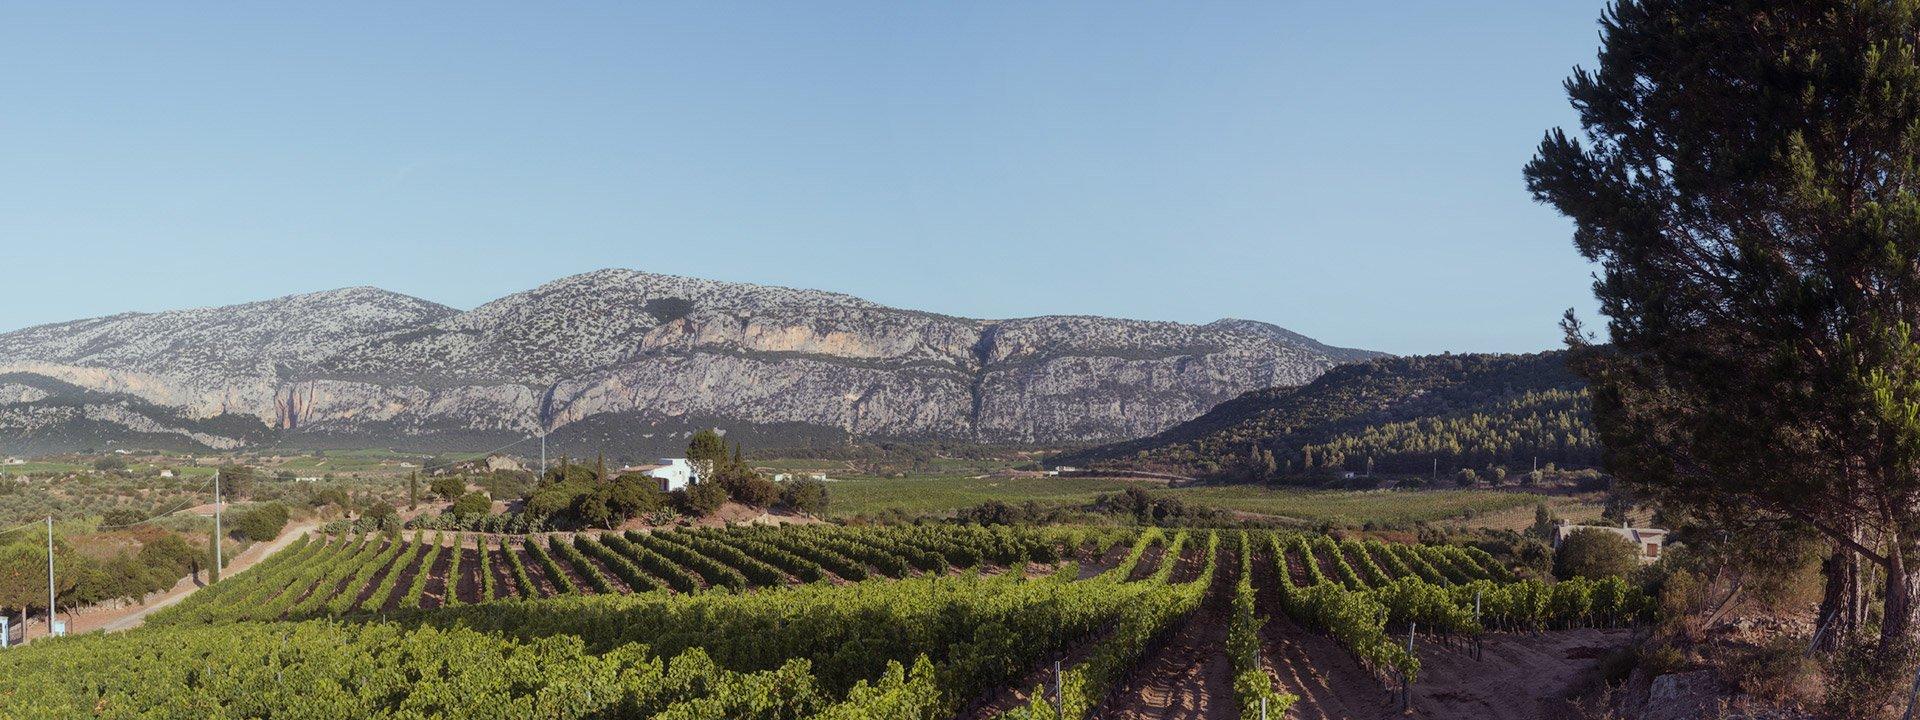 Vineyards Cannonau Sardinia Panorama